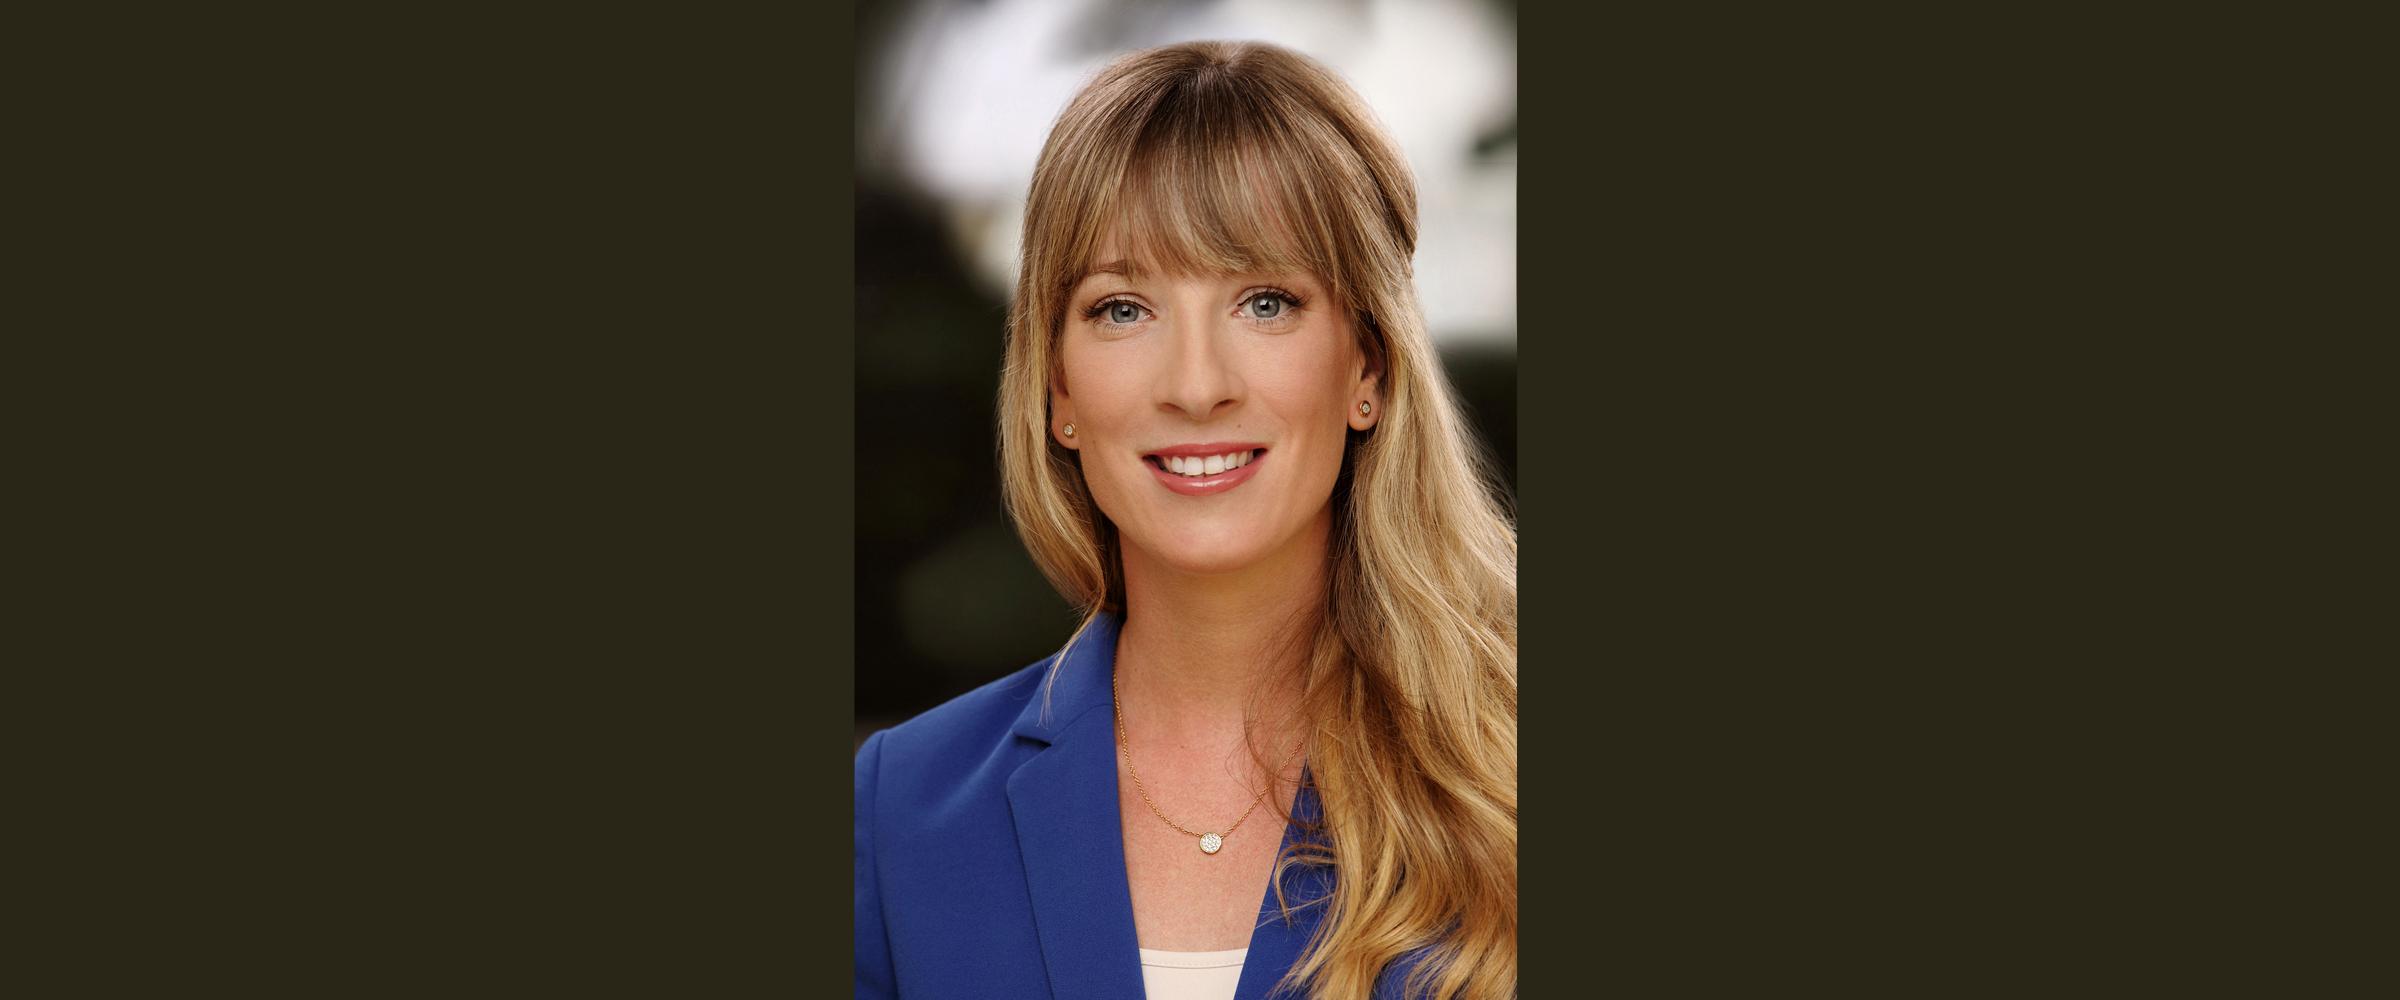 Farbportrait einer blonden Frau in blauem Business-Jackett, die freundlich lächelnd posiert für Bewerbungsfoto..